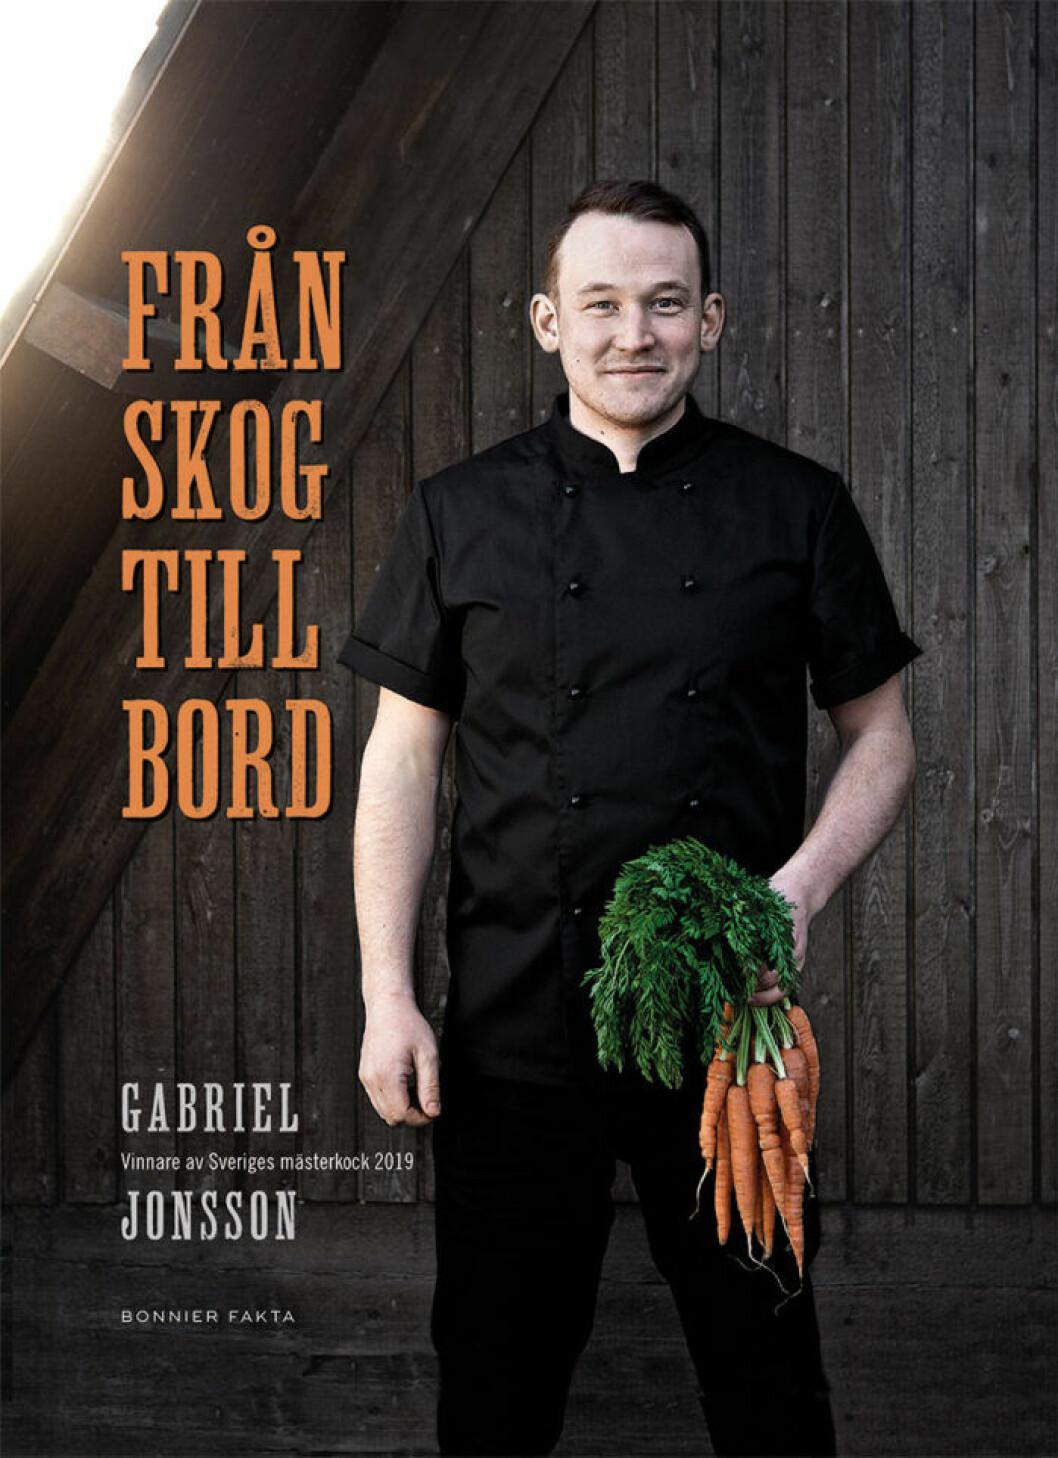 """""""Från skog till bord"""" (Bonnier Fakta) av Gabriel Jonsson, vinnare av Sveriges Mästerkock 2019."""